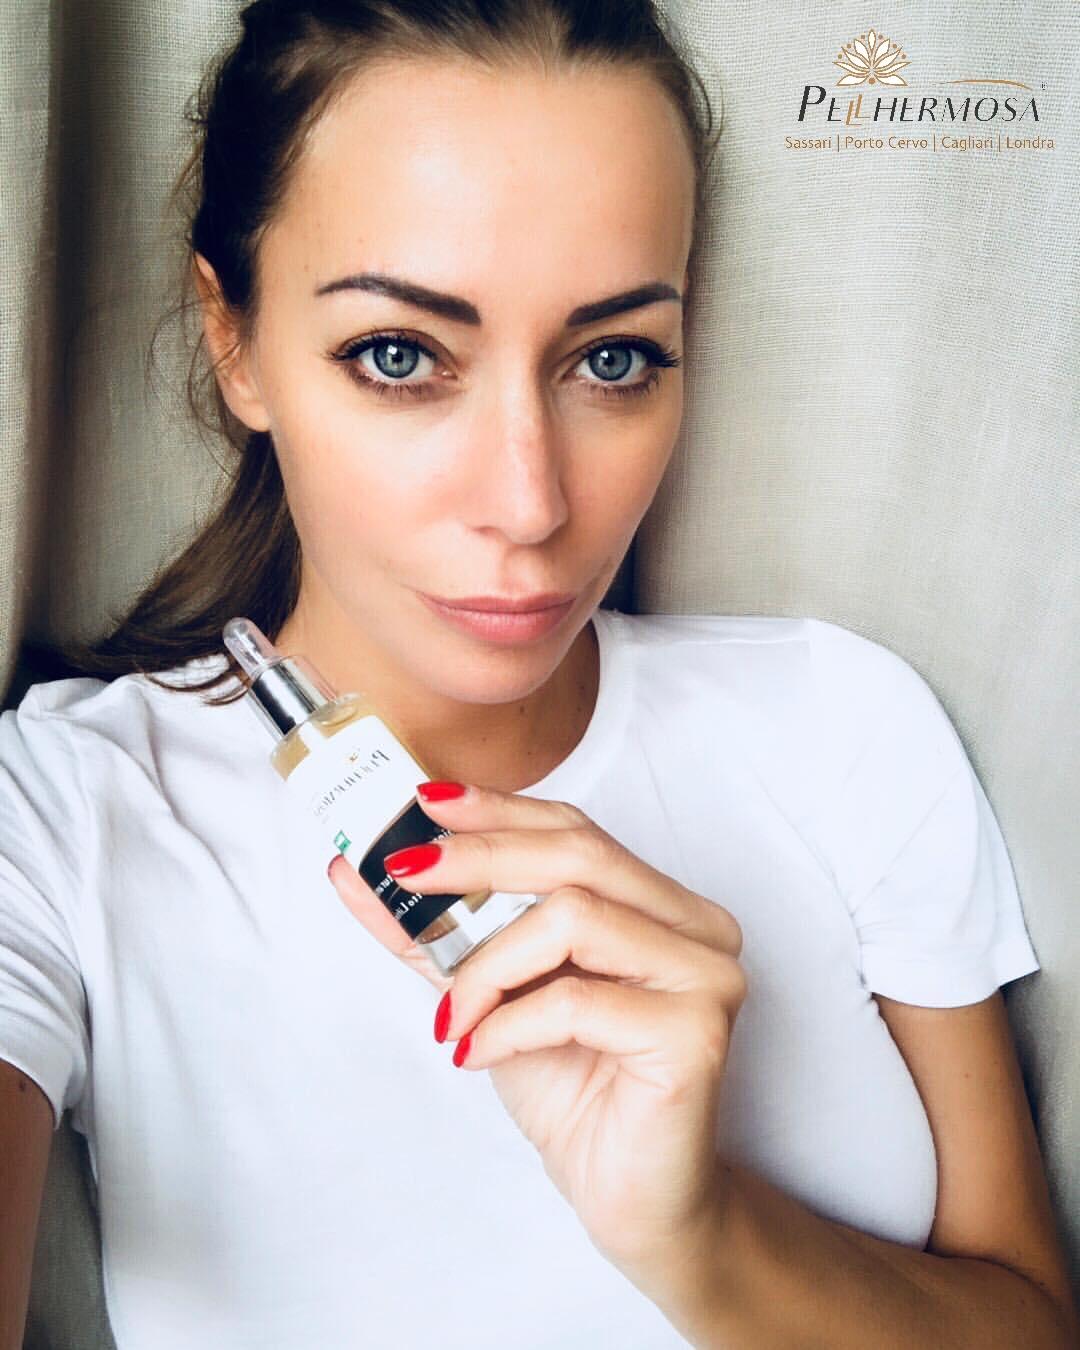 Karina Cascella ha provato il siero viso di  Pellhermosa